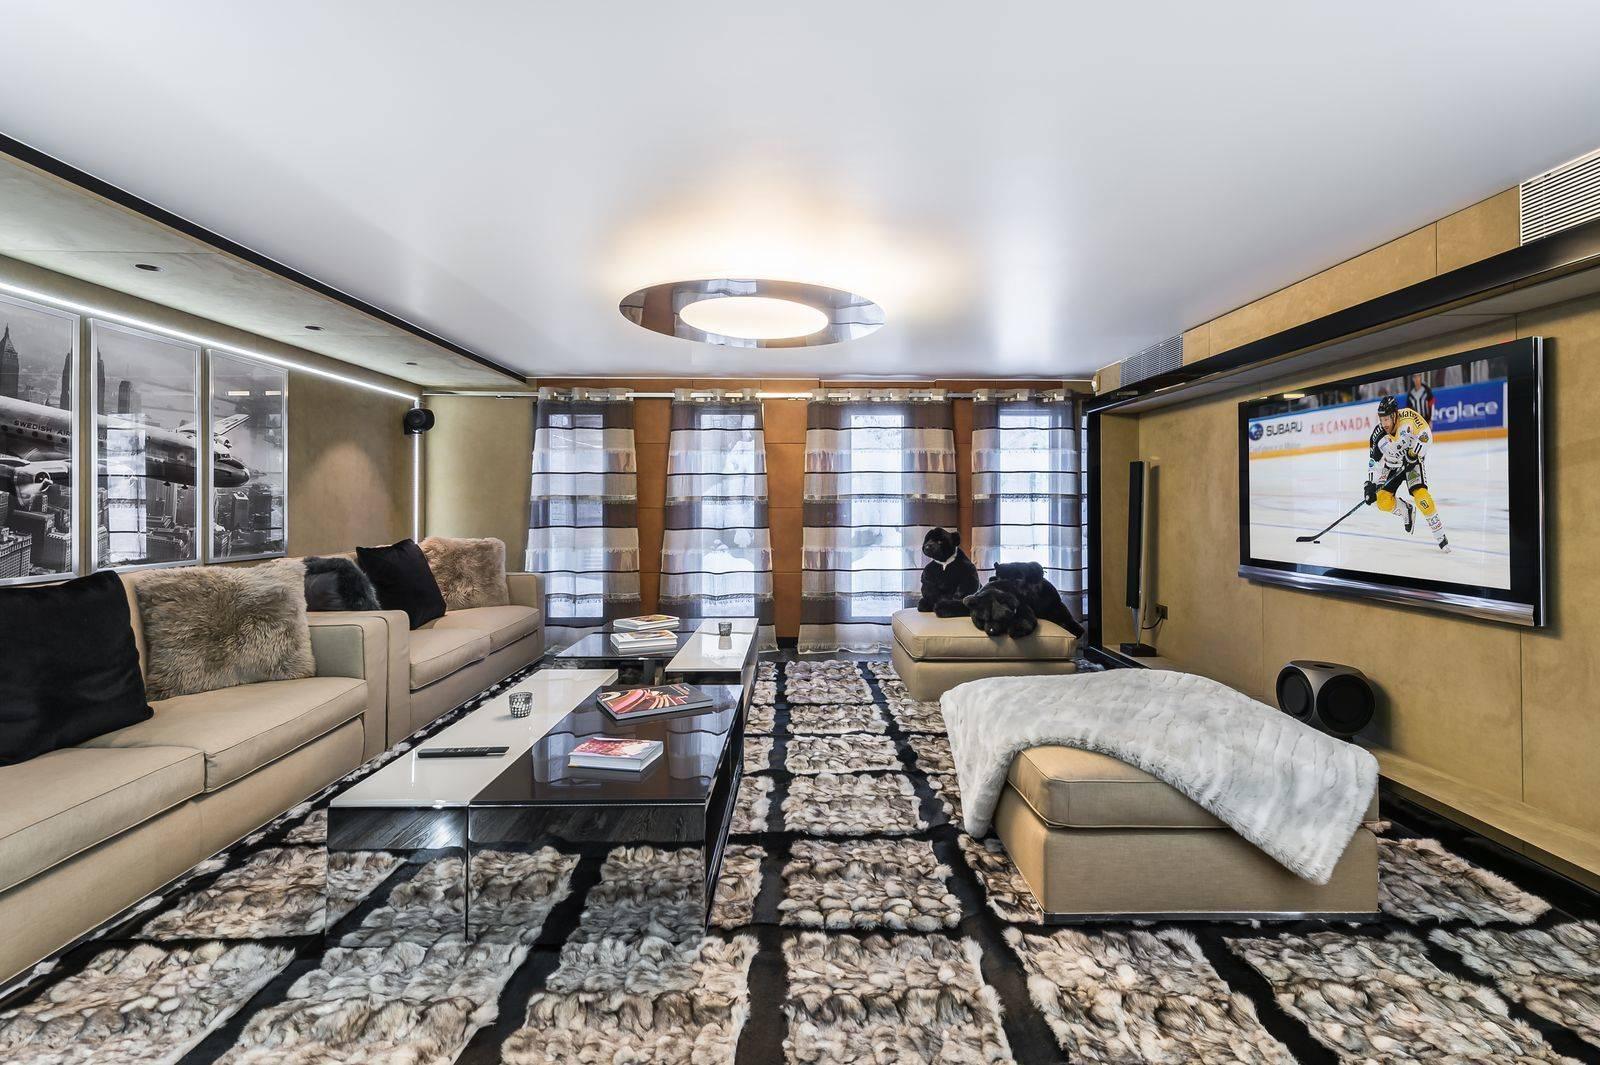 Lovelydays luxury service apartment rental - Megève - Senses Chalet - Partner - 6 bedrooms - 6 bathrooms - Comfortable sofa - c03a4acc2470 - Lovelydays